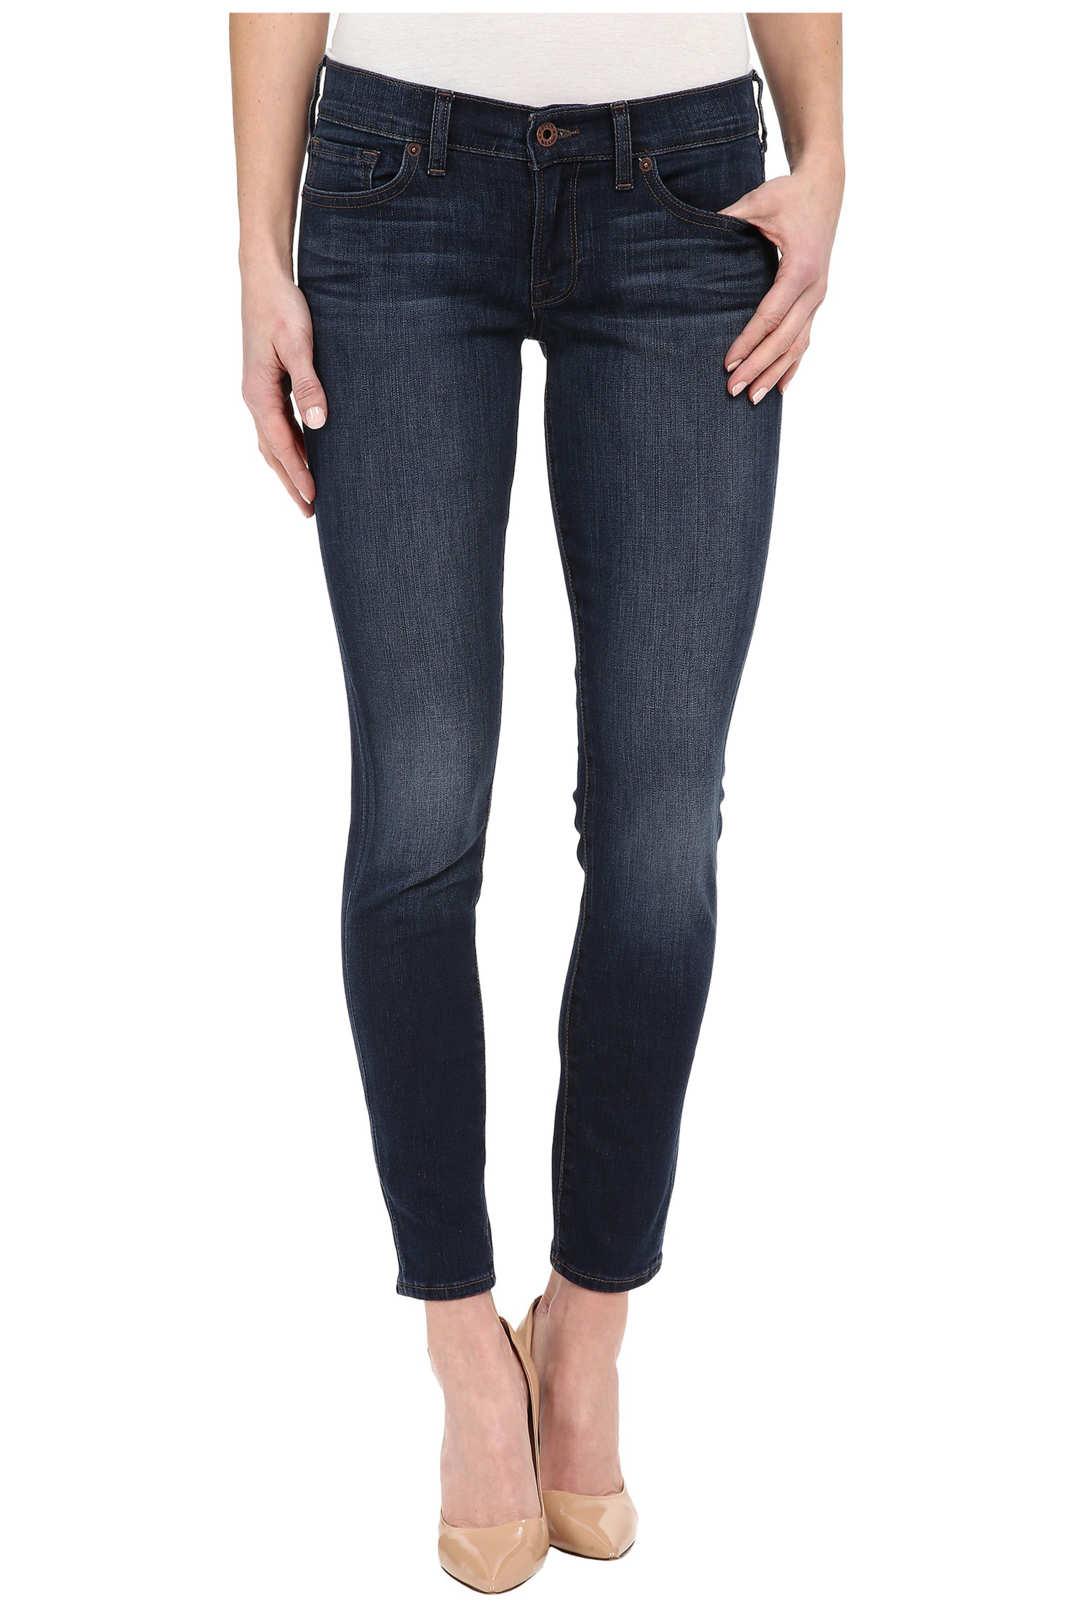 jeans for women best professional jeans. u201c ziwrxyr